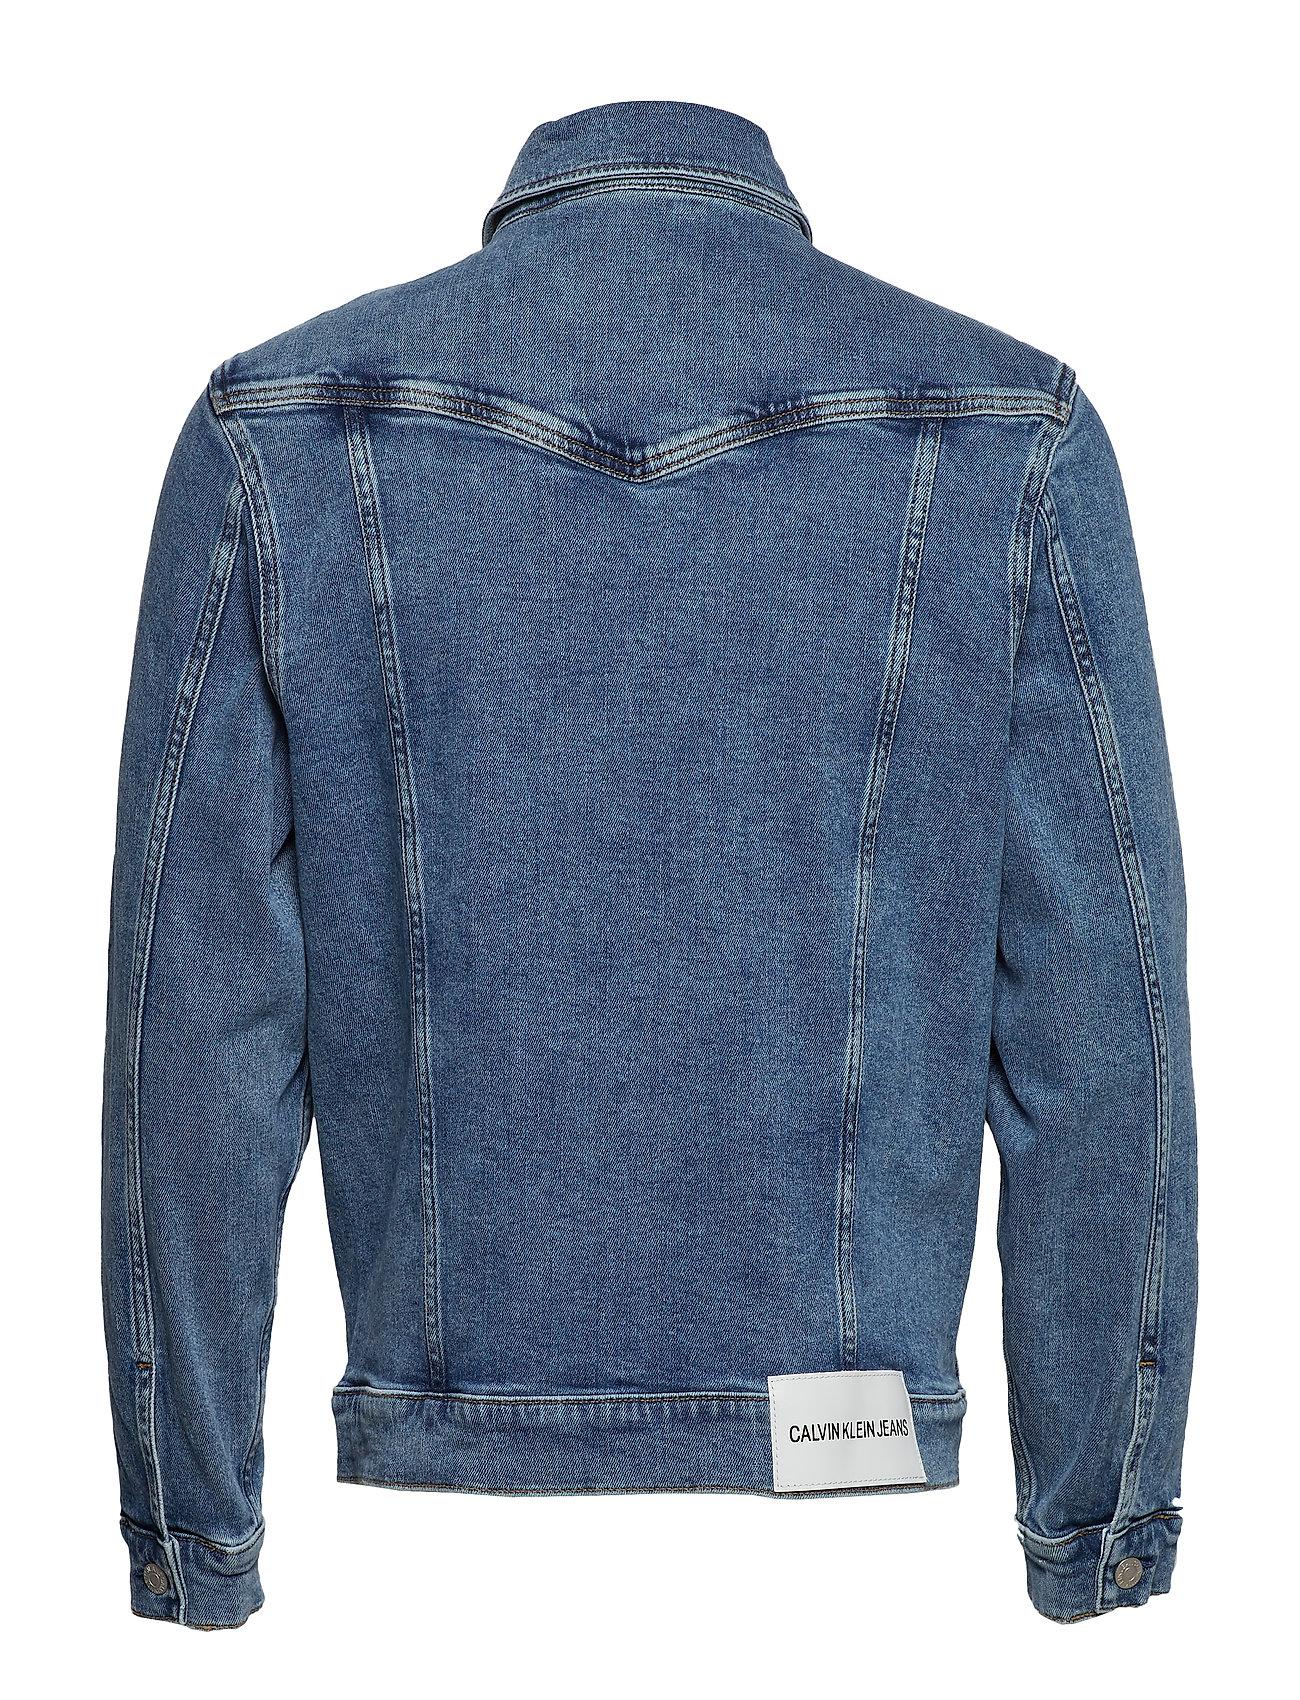 Mid BlueCalvin Deniaa042 Foundation Klein Jeans Slim iuOXPkZ